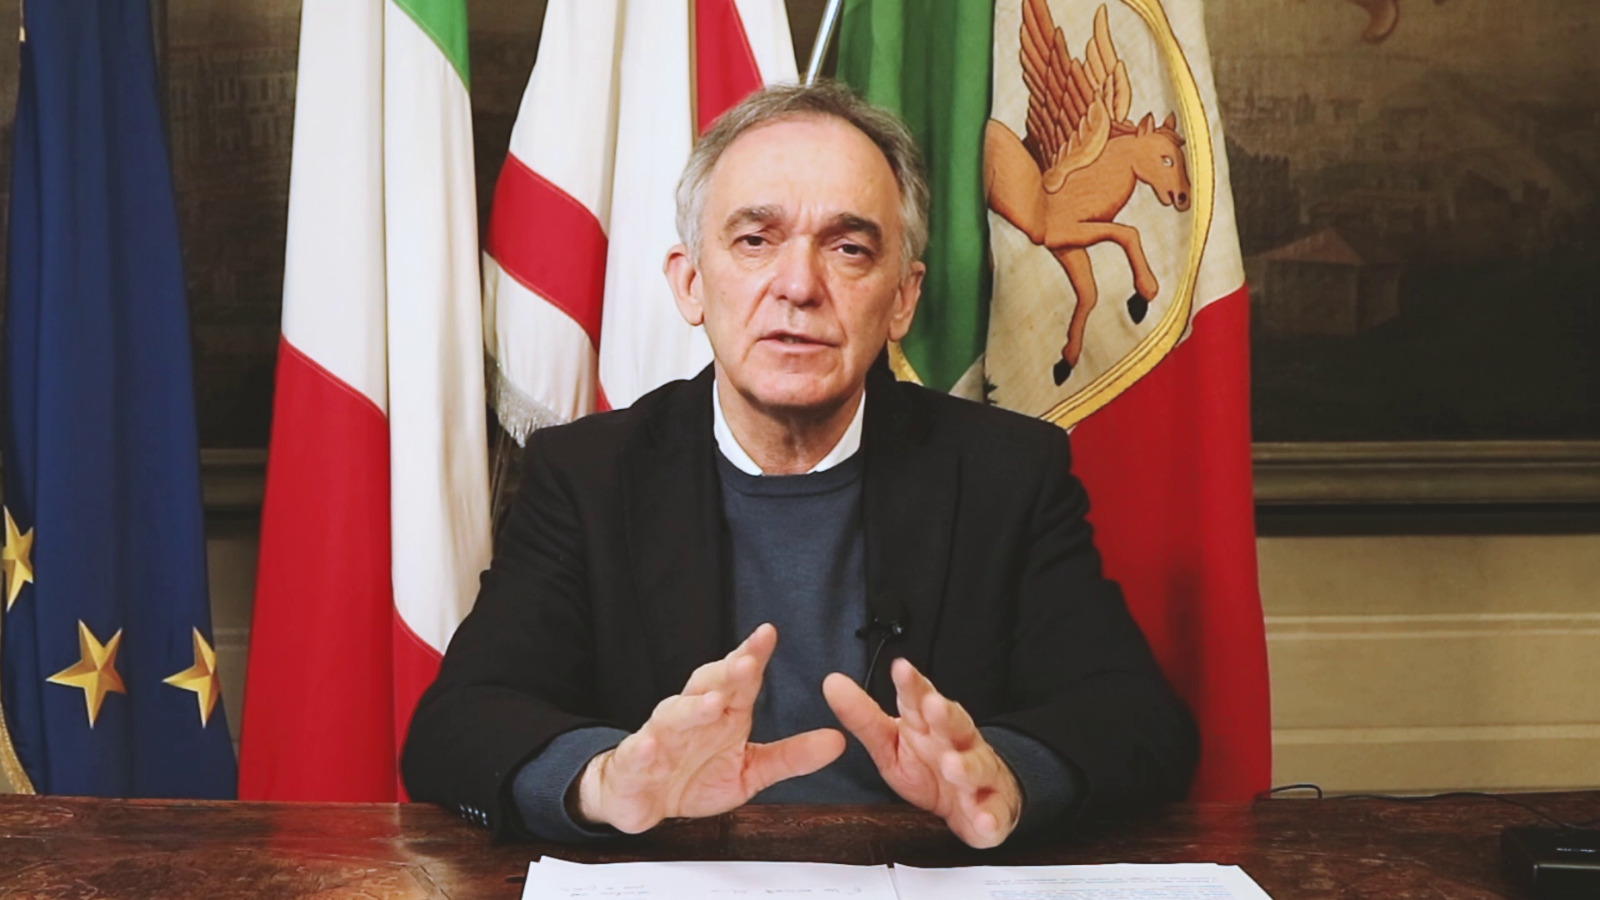 """25 aprile, video del presidente Rossi: """"Dalla Liberazione idee e valori per il futuro"""""""